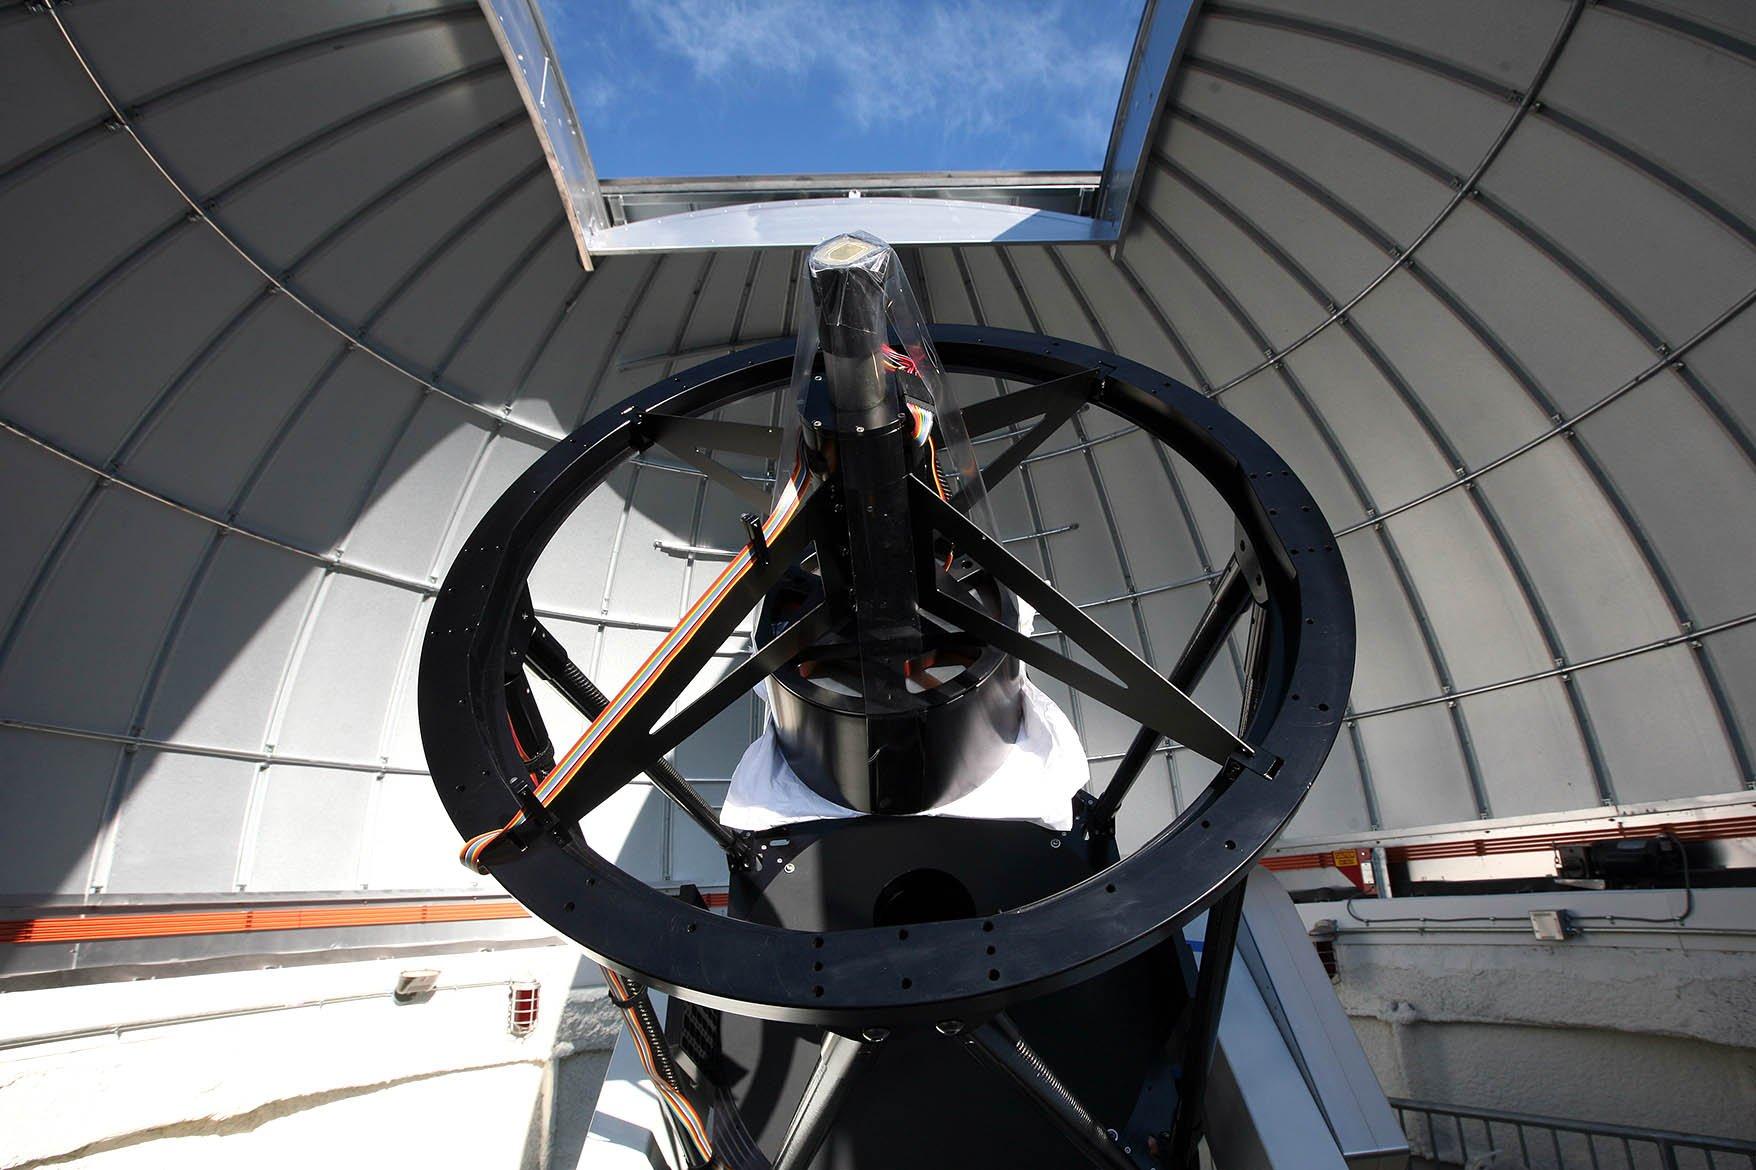 van de Kamp Dome